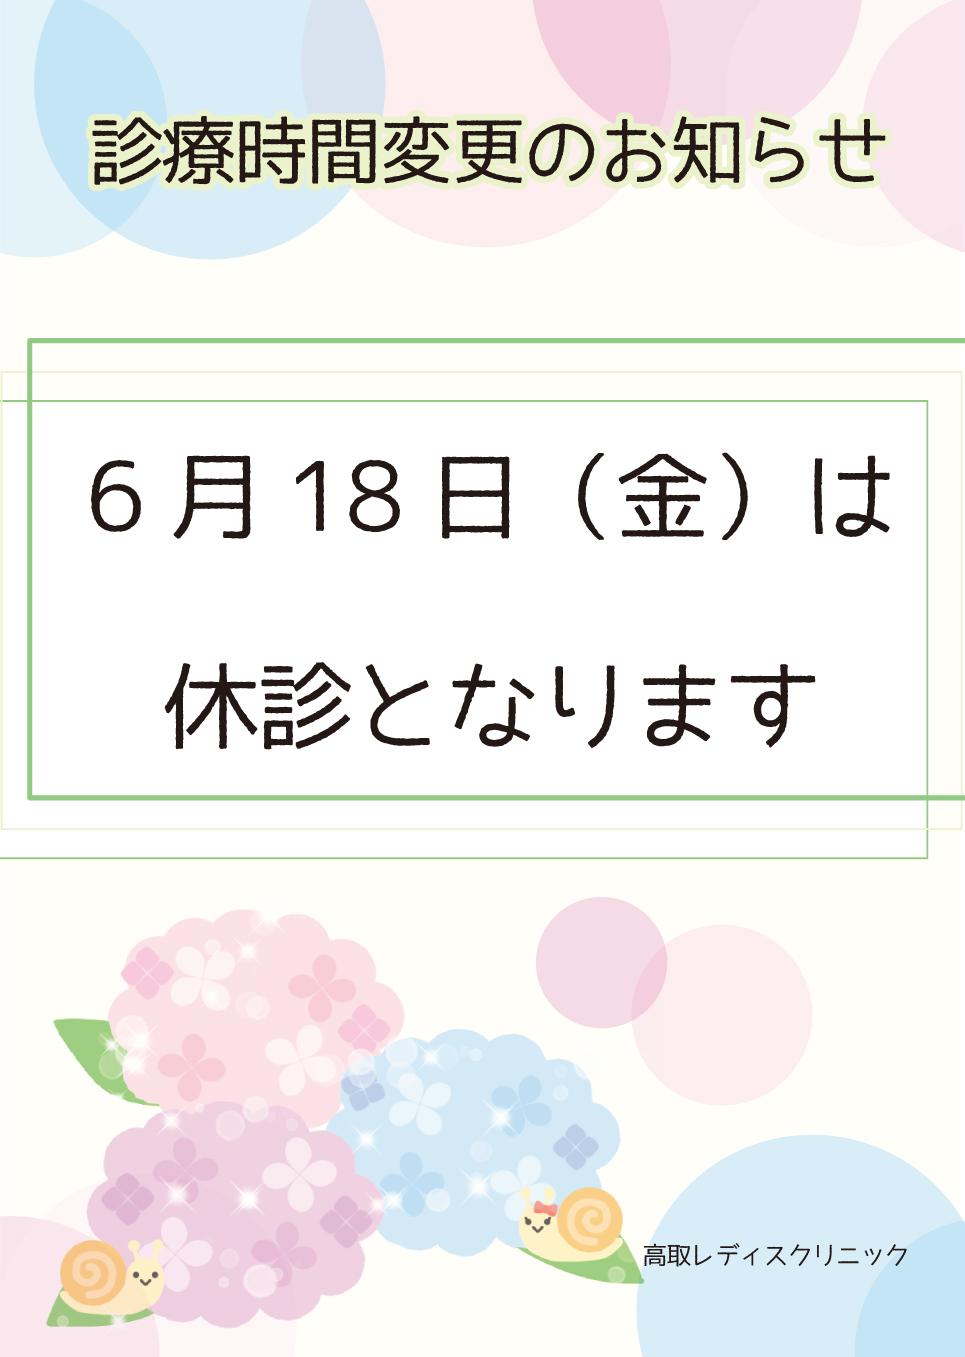 ☆6月18日(金)診療時間変更のお知らせ☆